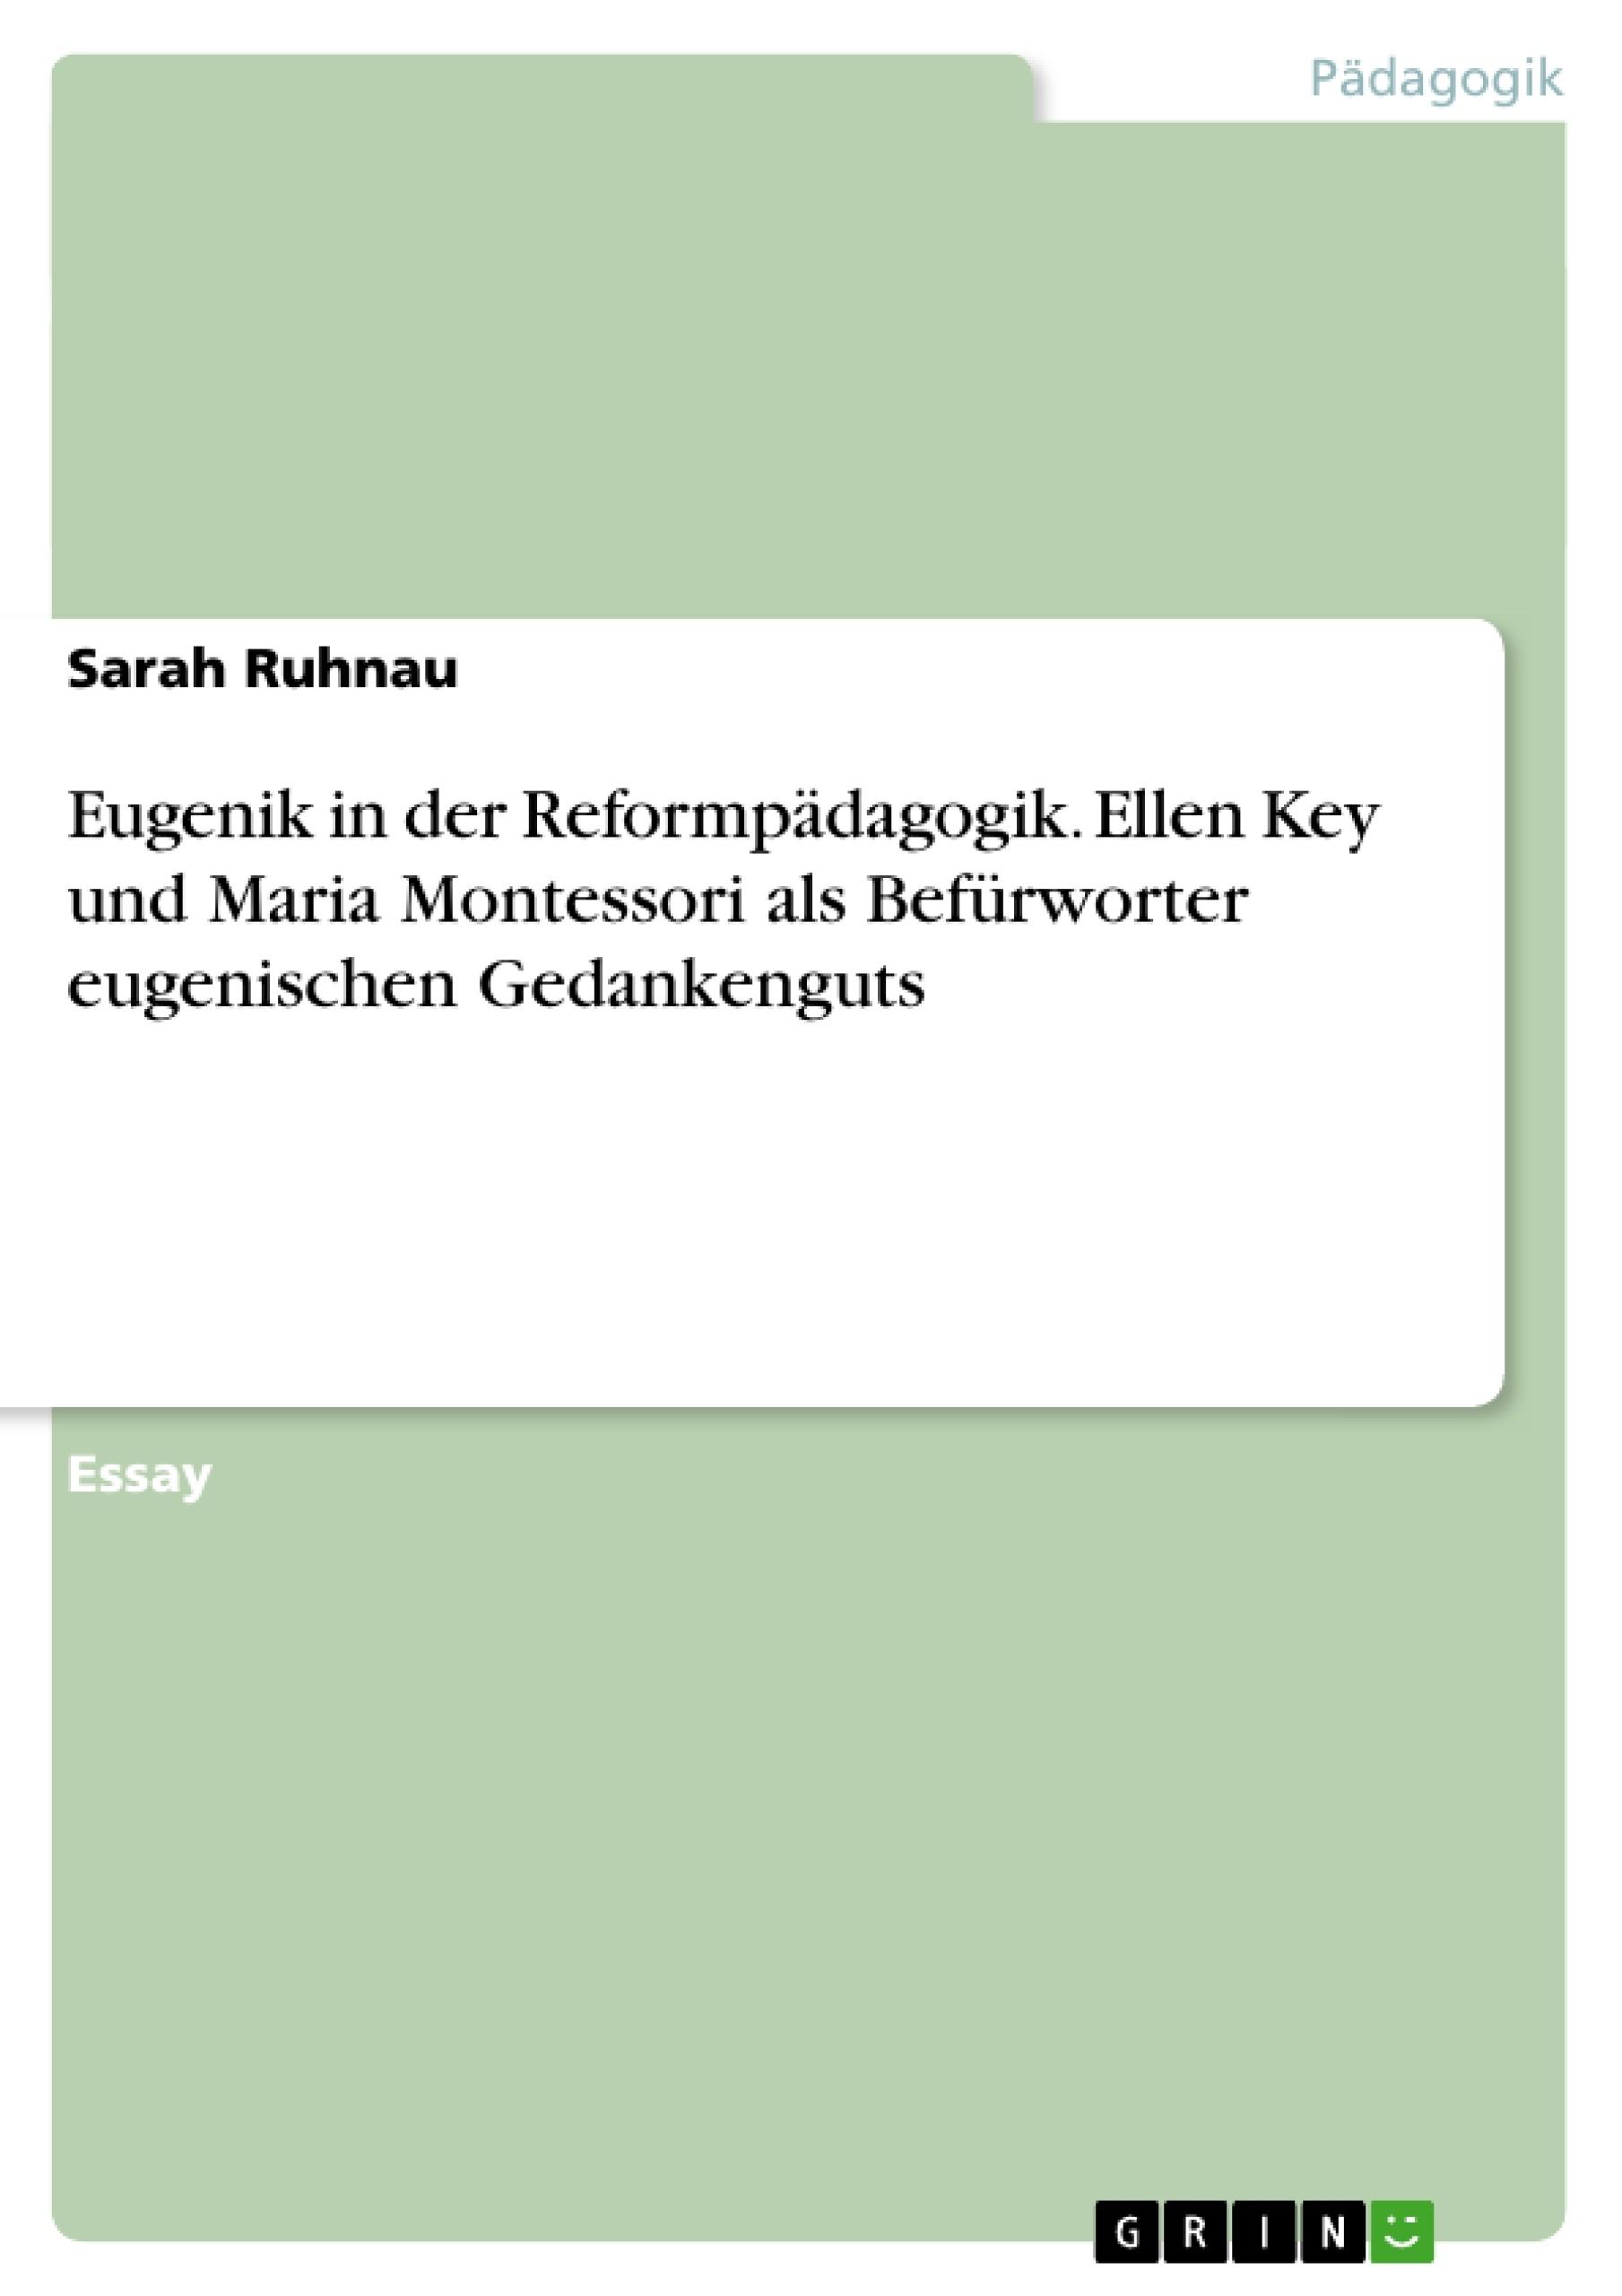 Titel: Eugenik in der Reformpädagogik. Ellen Key und Maria Montessori als Befürworter eugenischen Gedankenguts